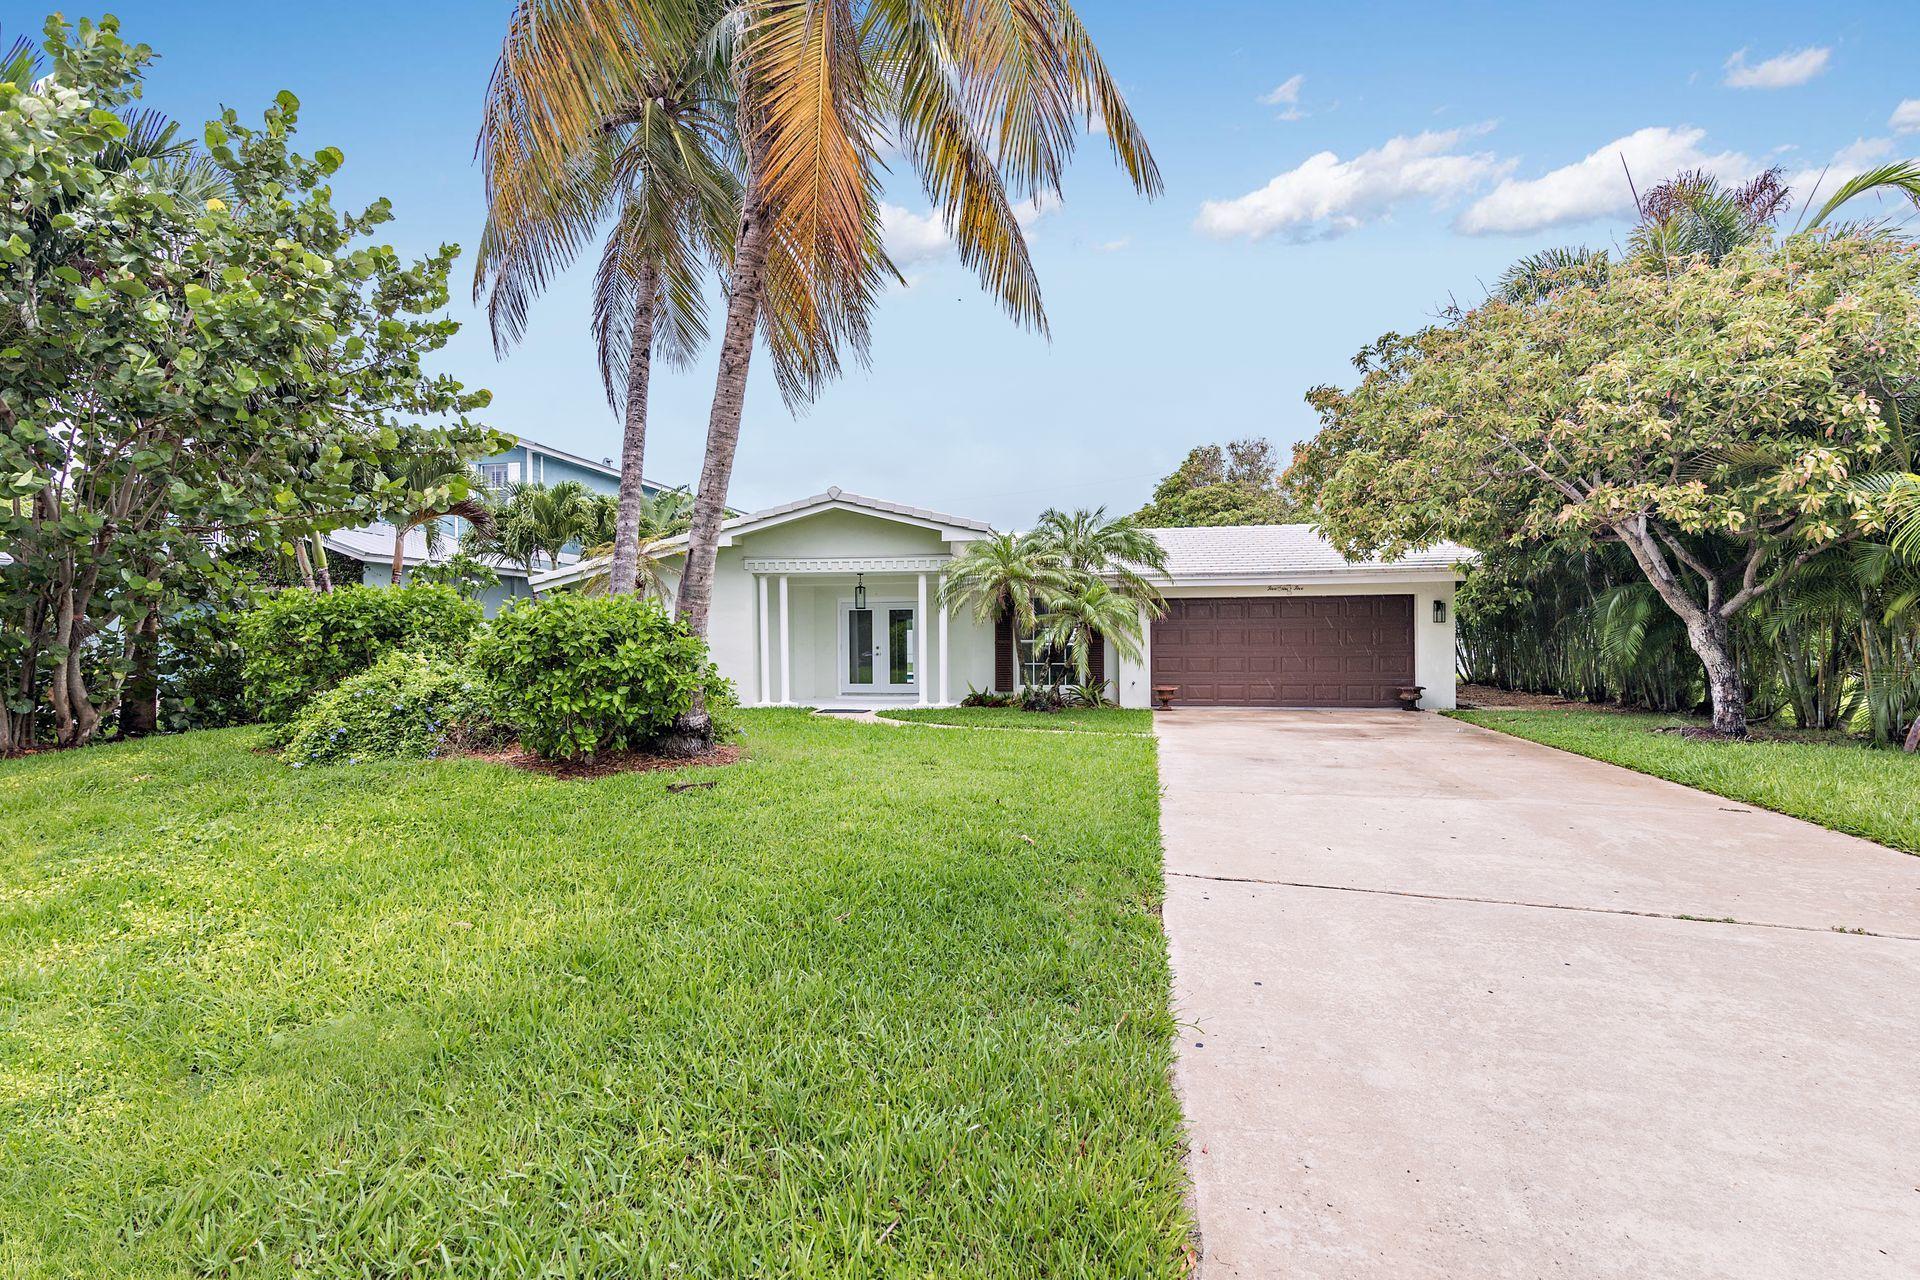 565 NE Olive Way, Boca Raton, FL 33432